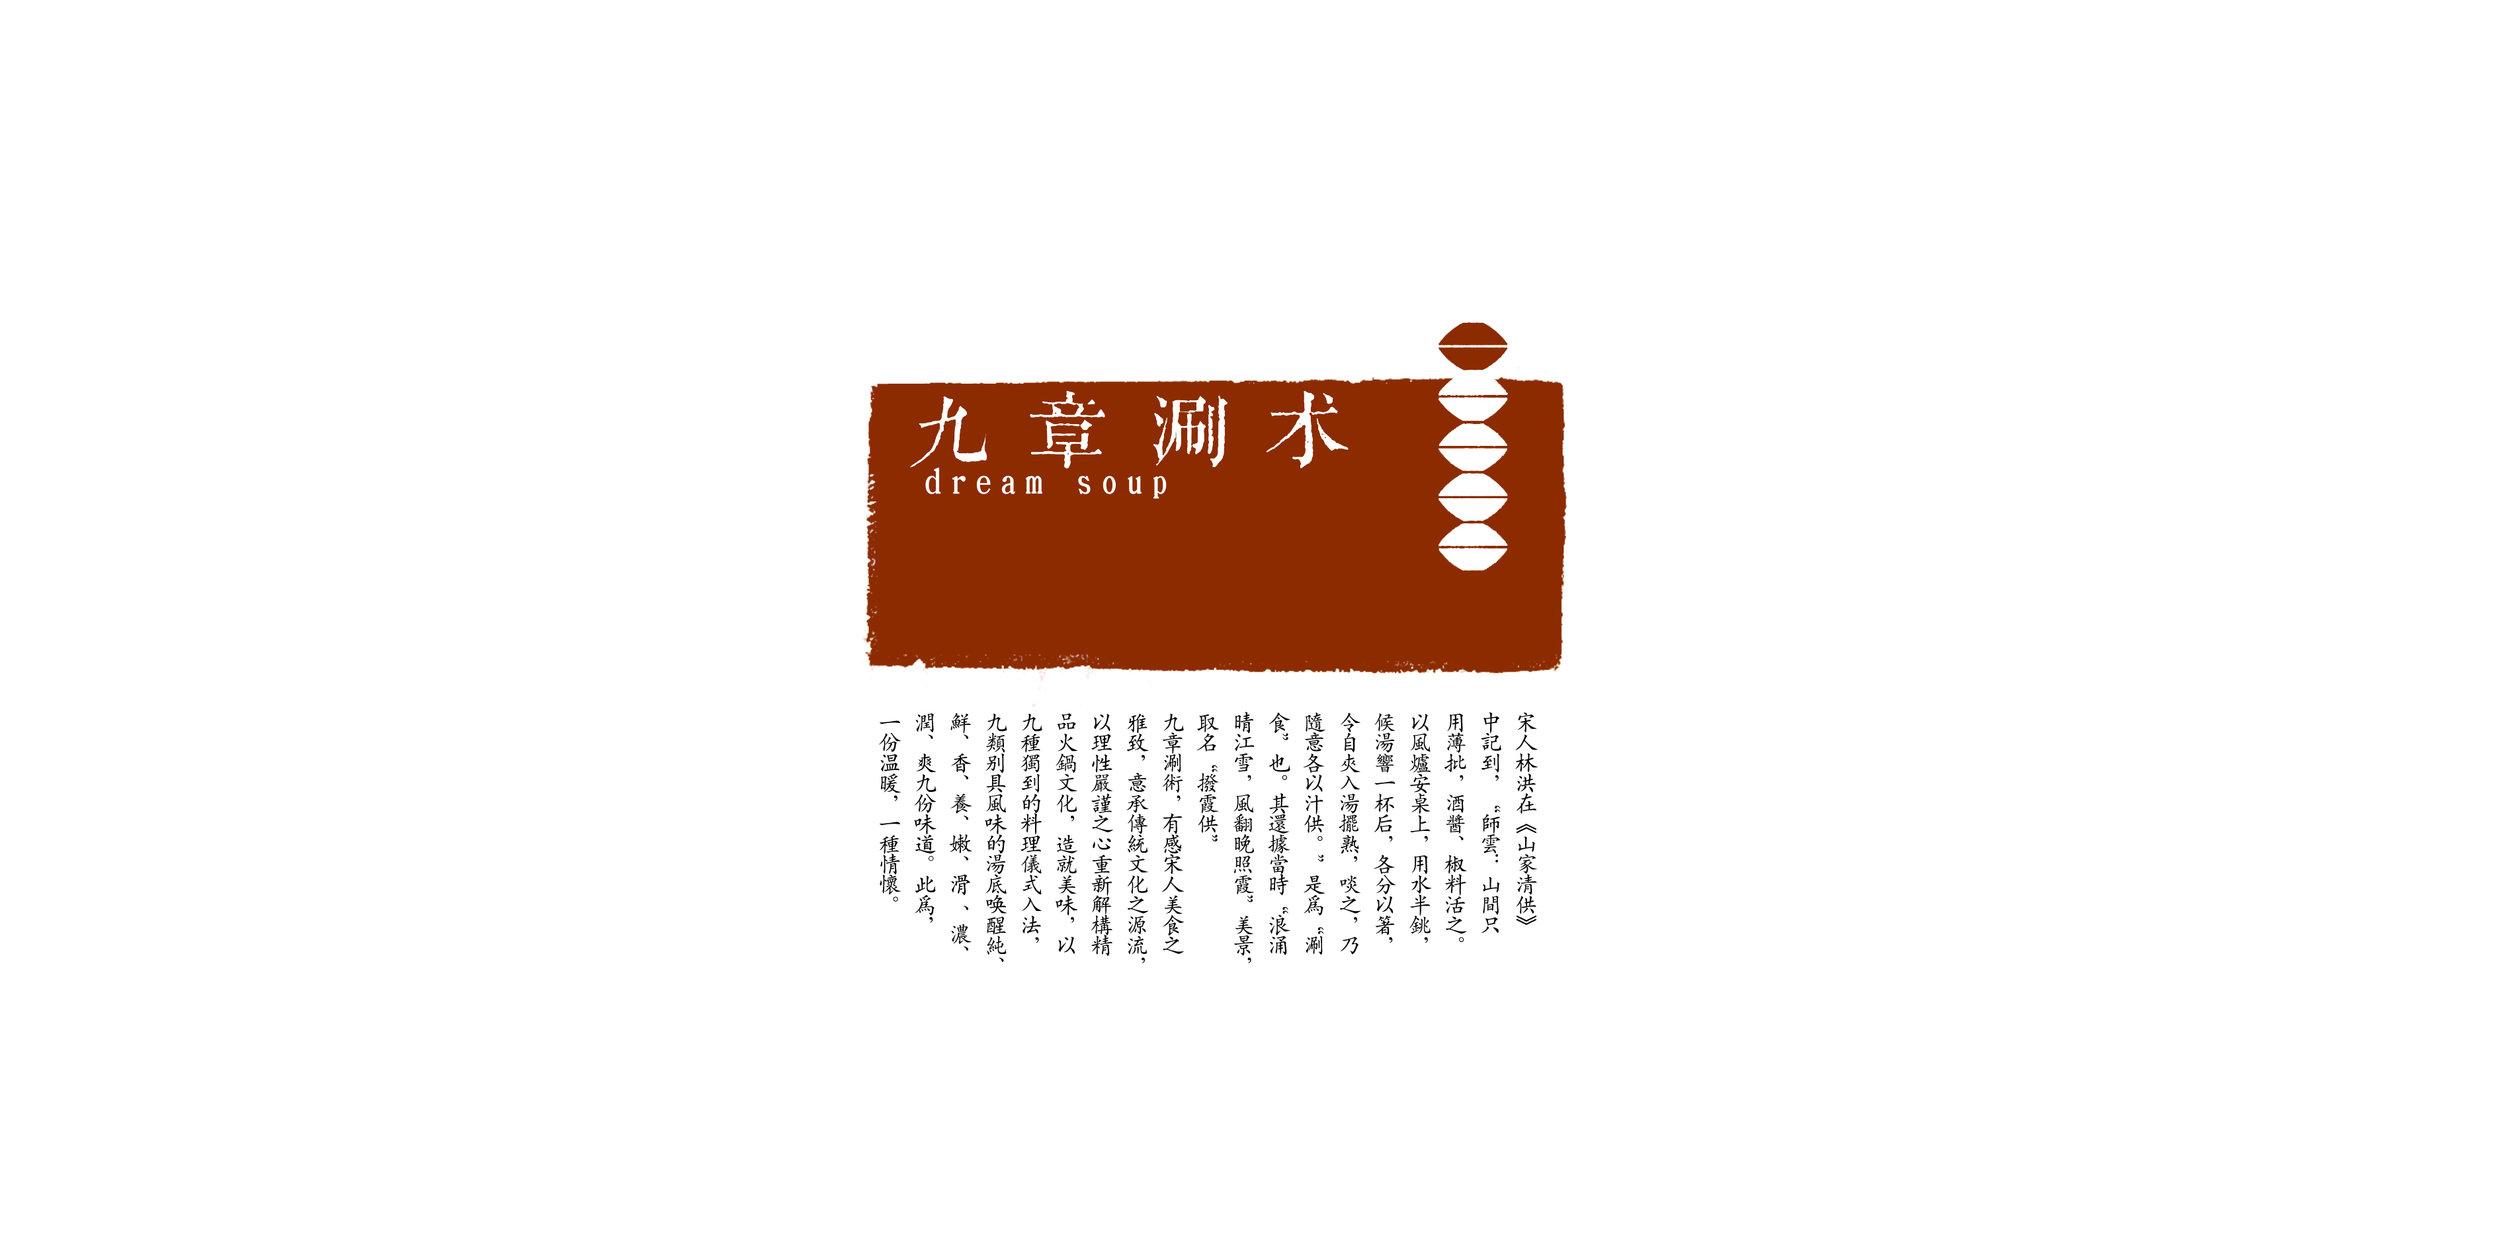 九章涮术BRAND66.jpg